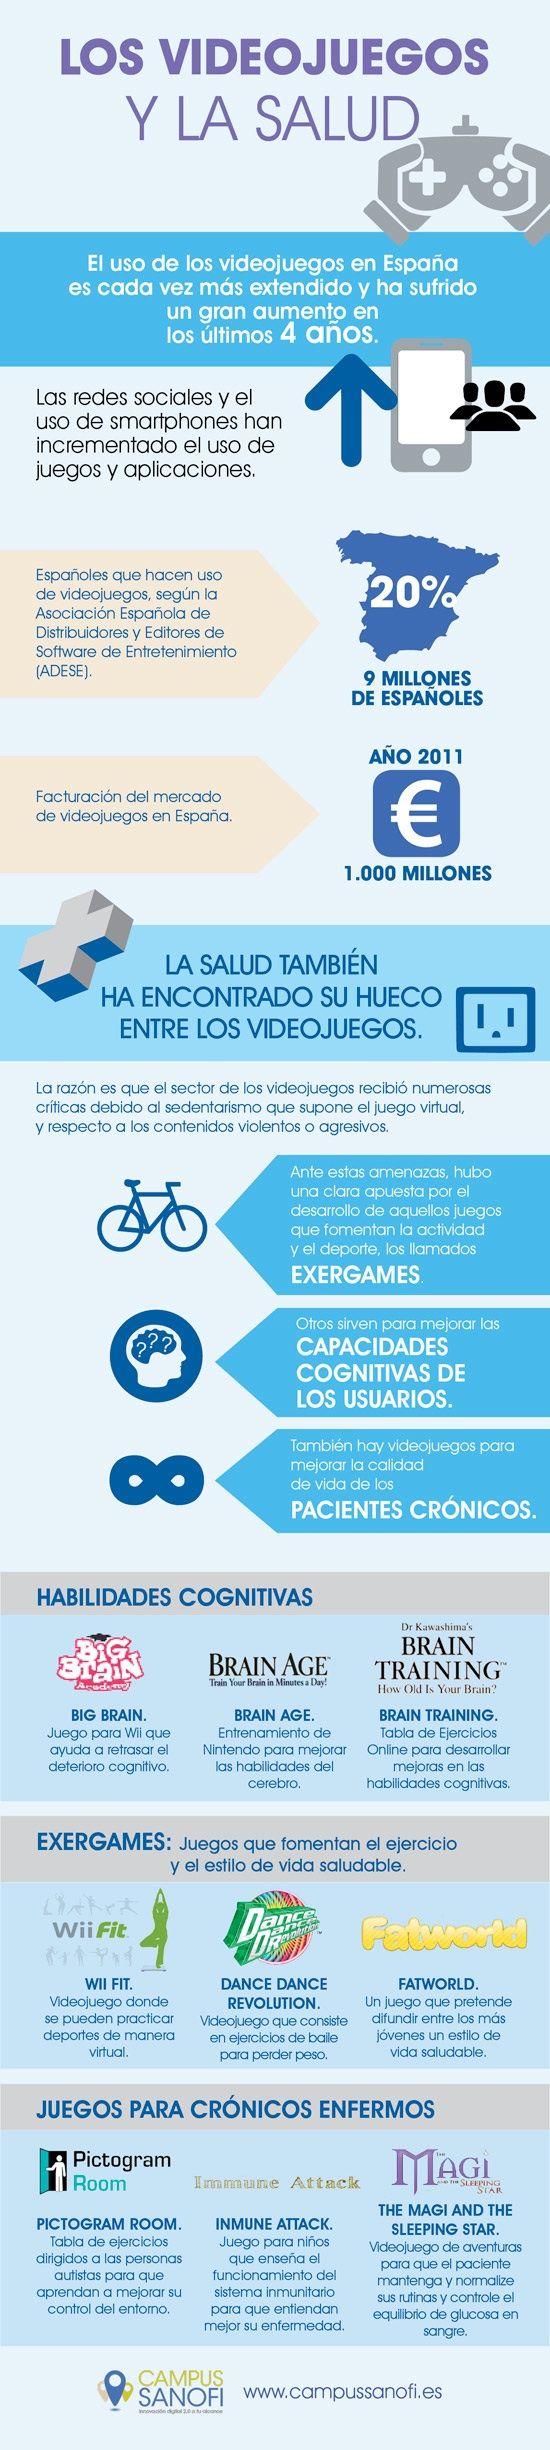 Los videojuegos y la salud #infografia #infographic #health   TICs y Formación